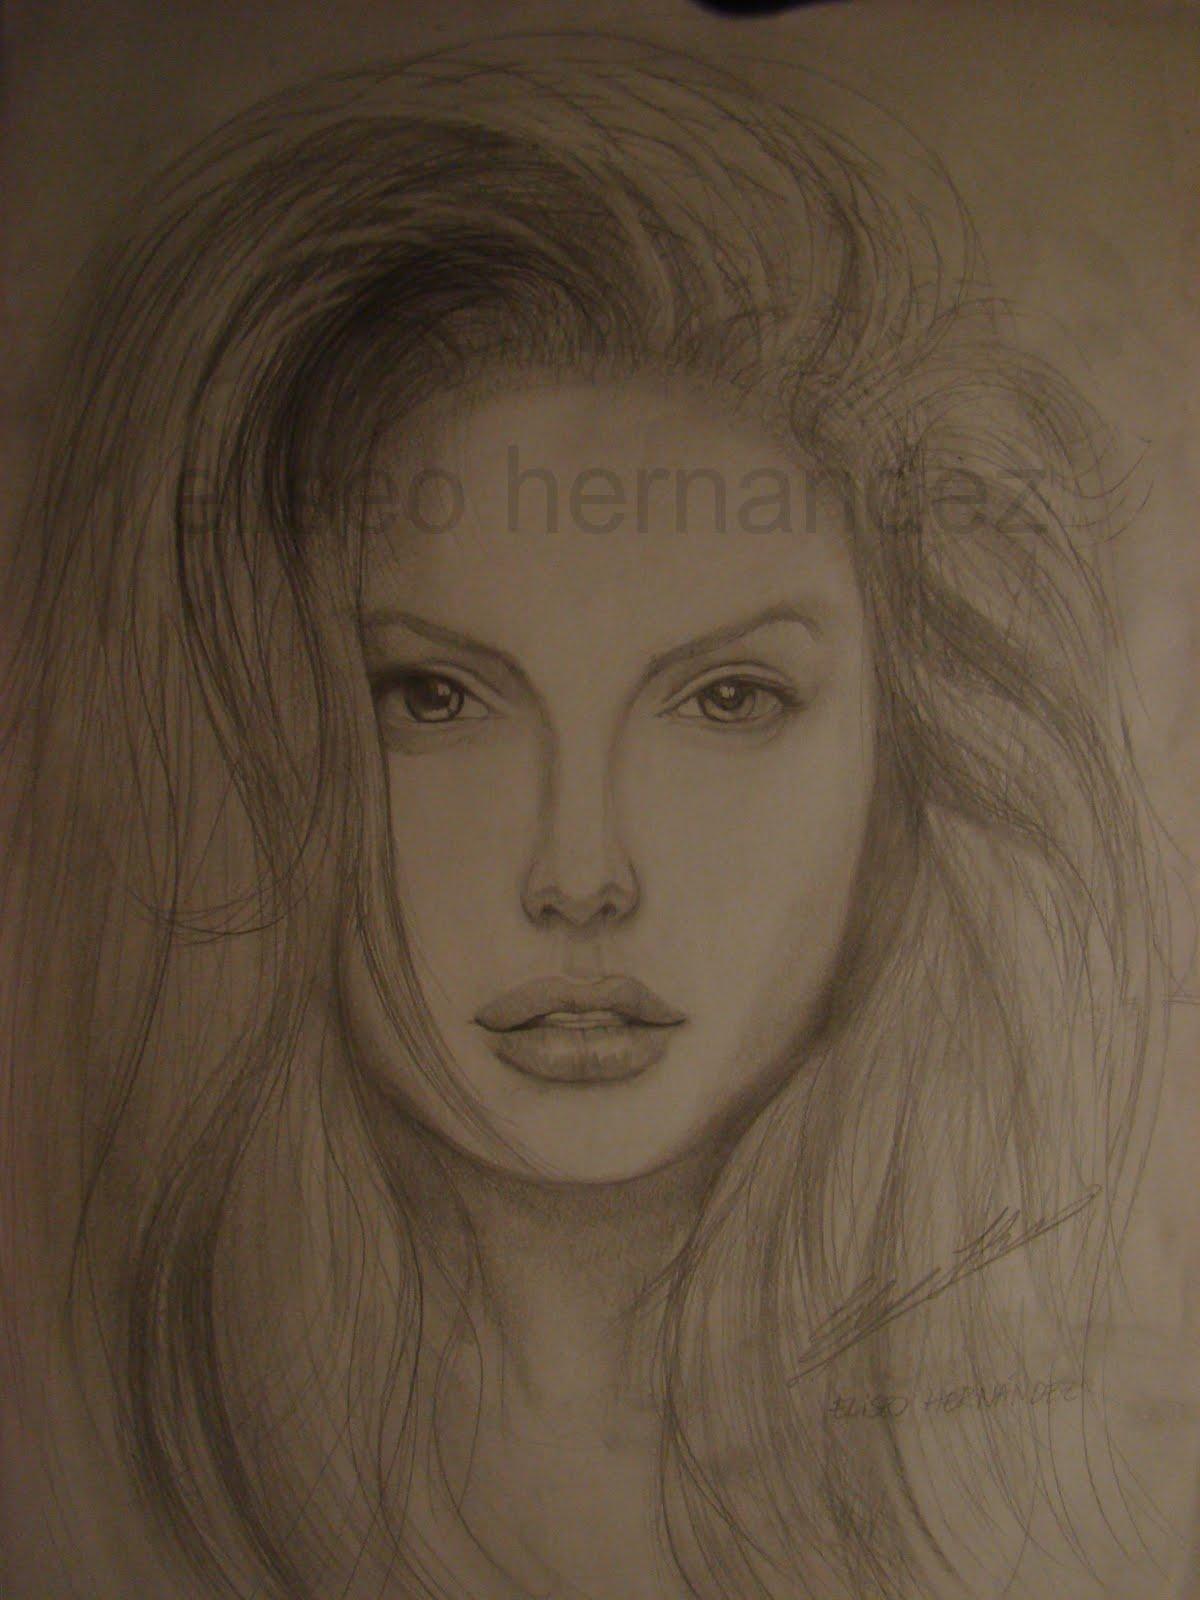 http://2.bp.blogspot.com/-NQuOs3raBUM/TeBM7OuHdVI/AAAAAAAAAHc/bBX-rEsaP6A/s1600/angelina_jolie2.jpg